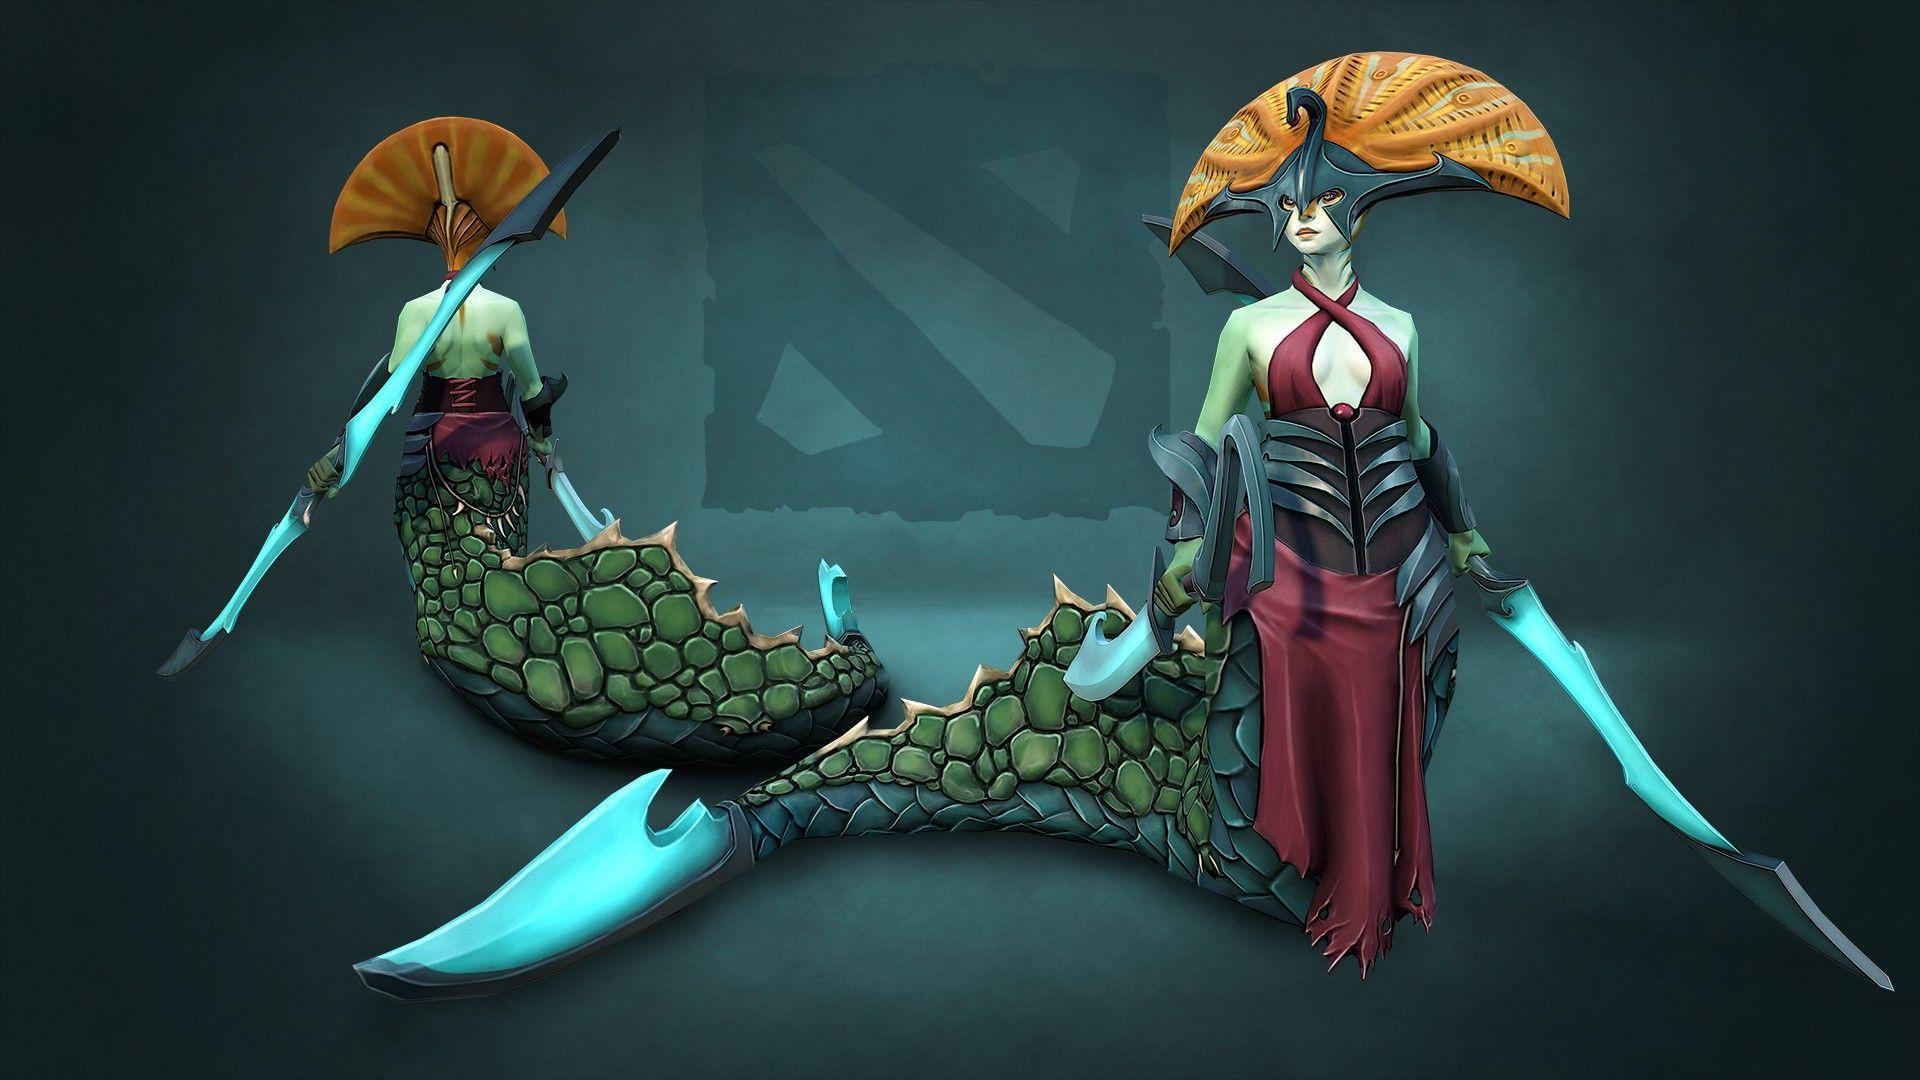 Naga Siren Wallpapers Best Dota 2 Wallpaper Pinterest